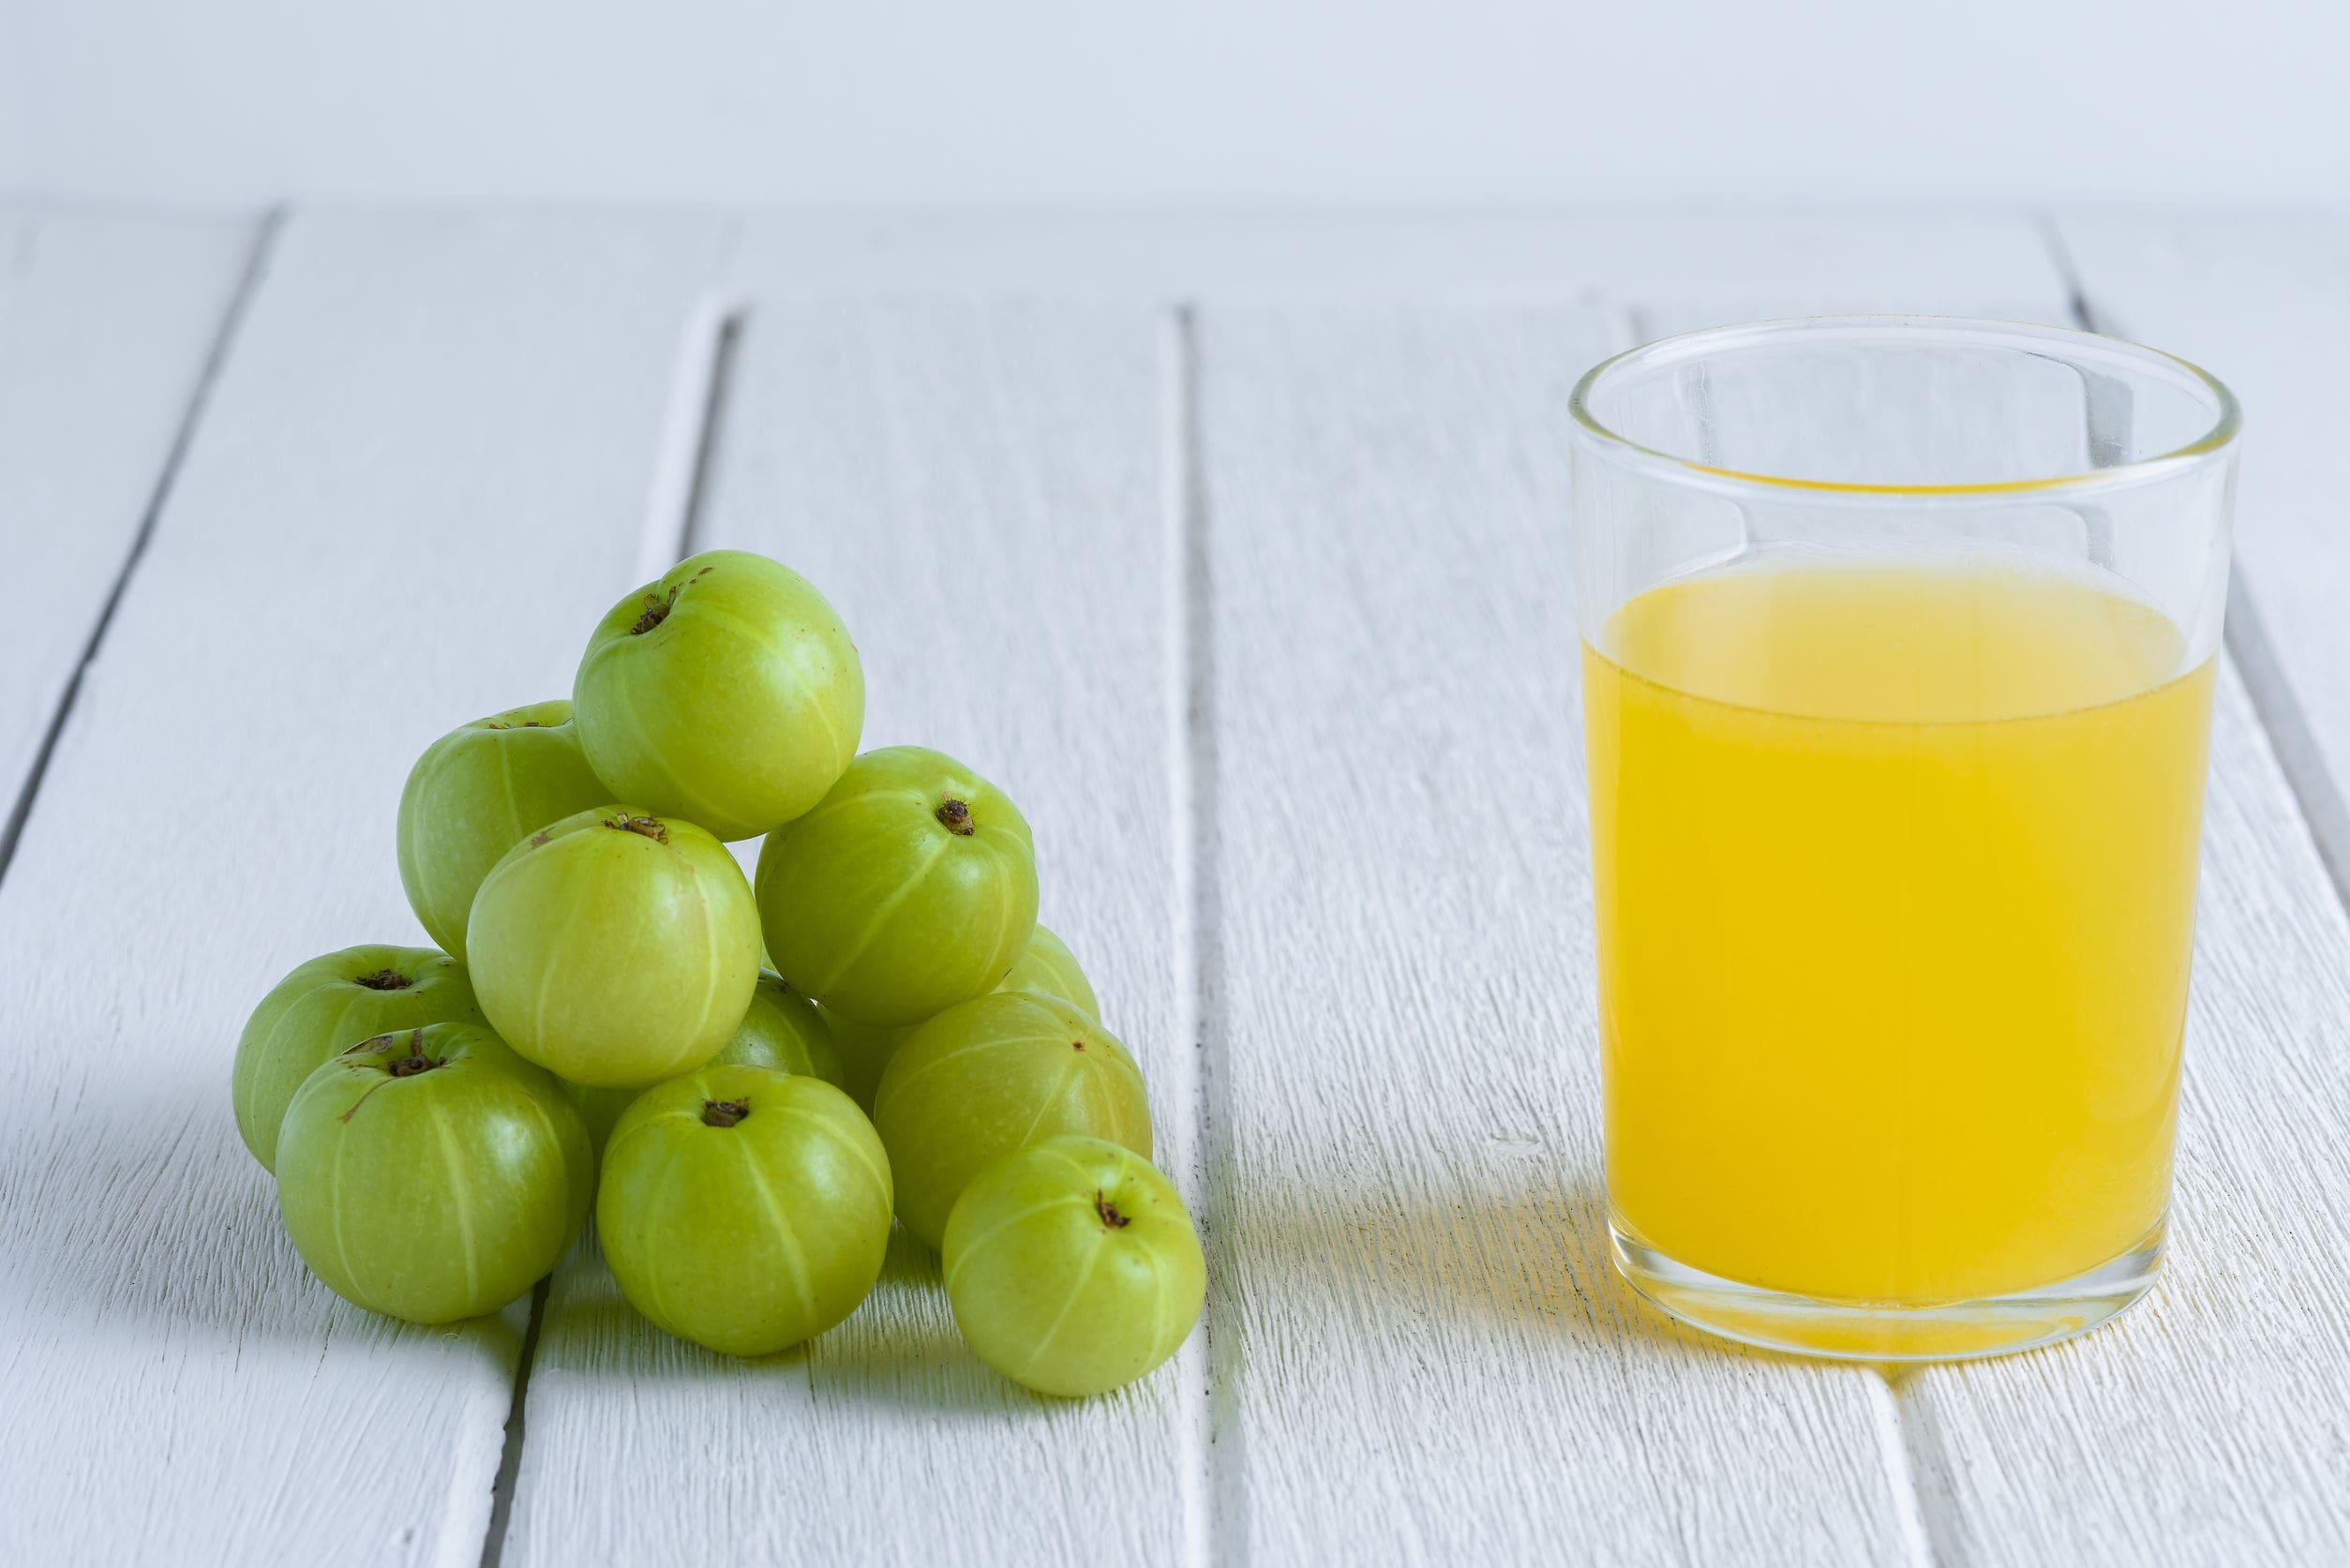 Benefits of Indian Gooseberry or Aamla